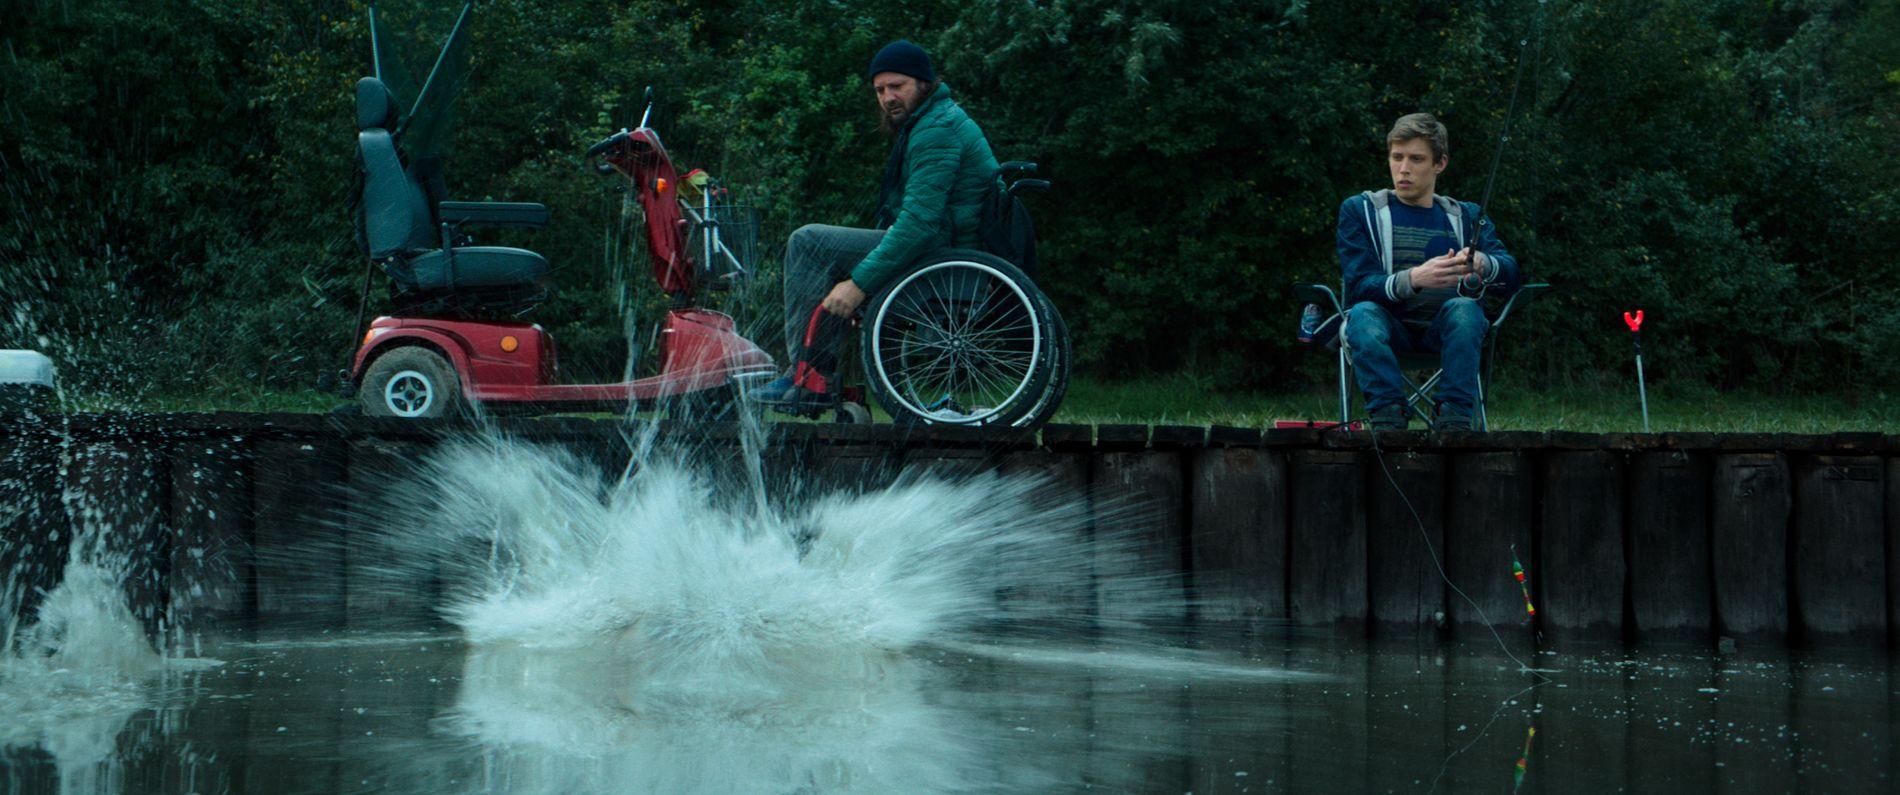 28a6bdca PÅ FISKETUR: Saker og ting går mindre bra når Rupaszov (til høyre) tar  Barba og Zoli (Zoltán Fenyvesi) med på fisketur. byoutline Filmweb